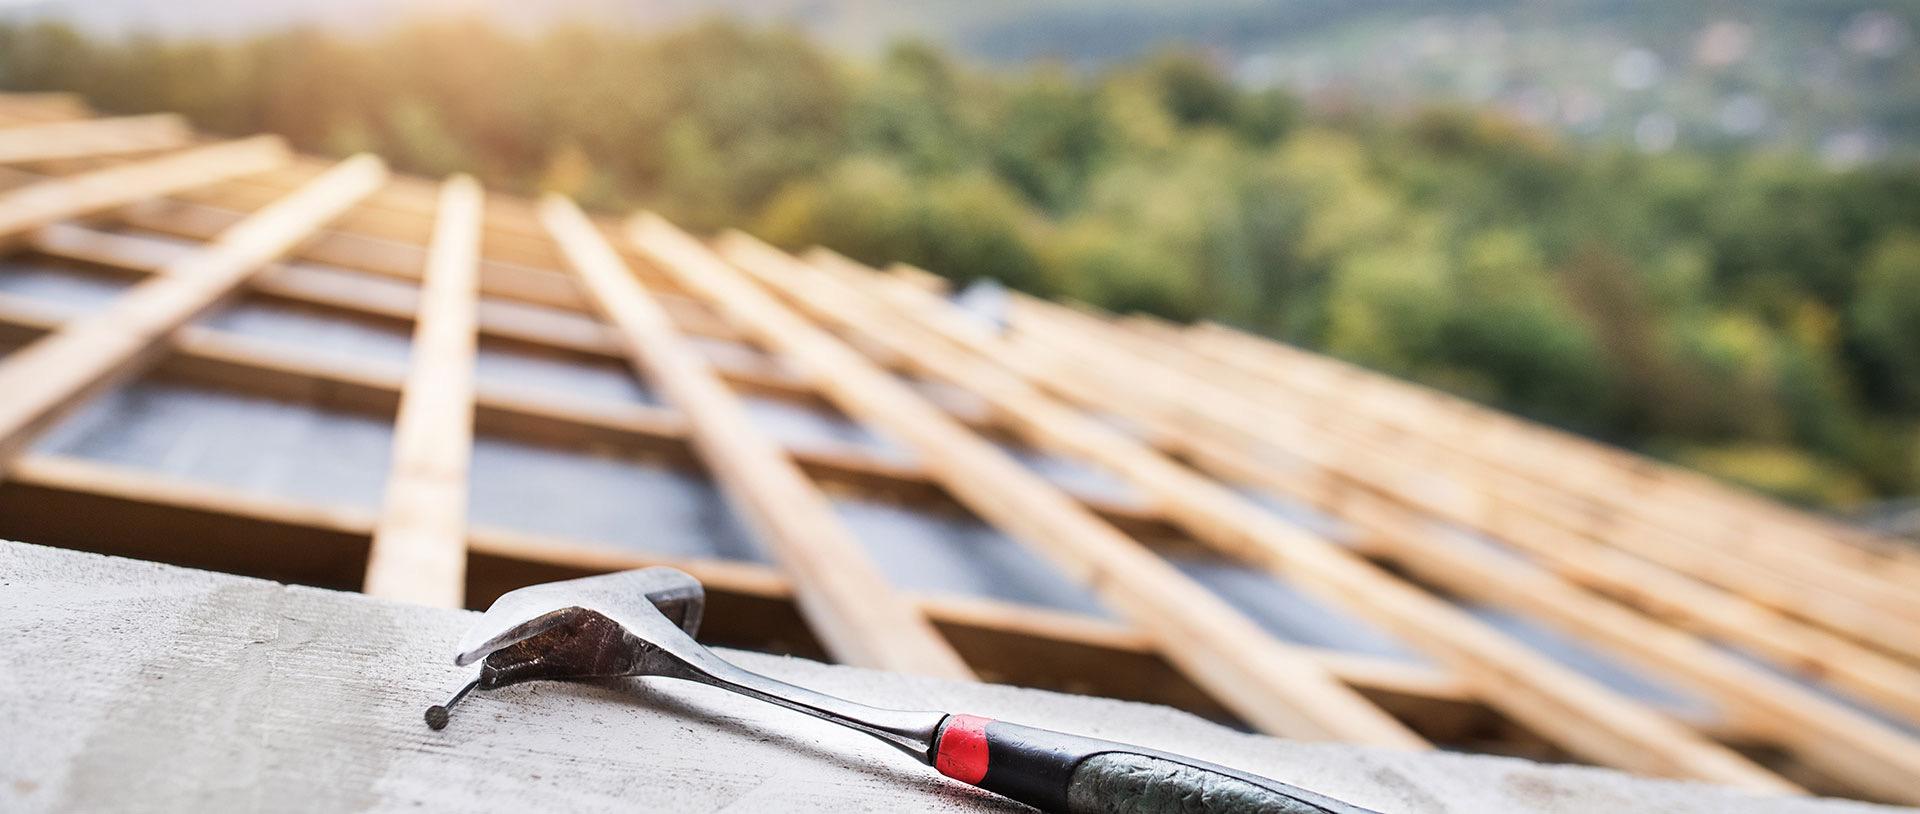 Roof Tile Repair Experts